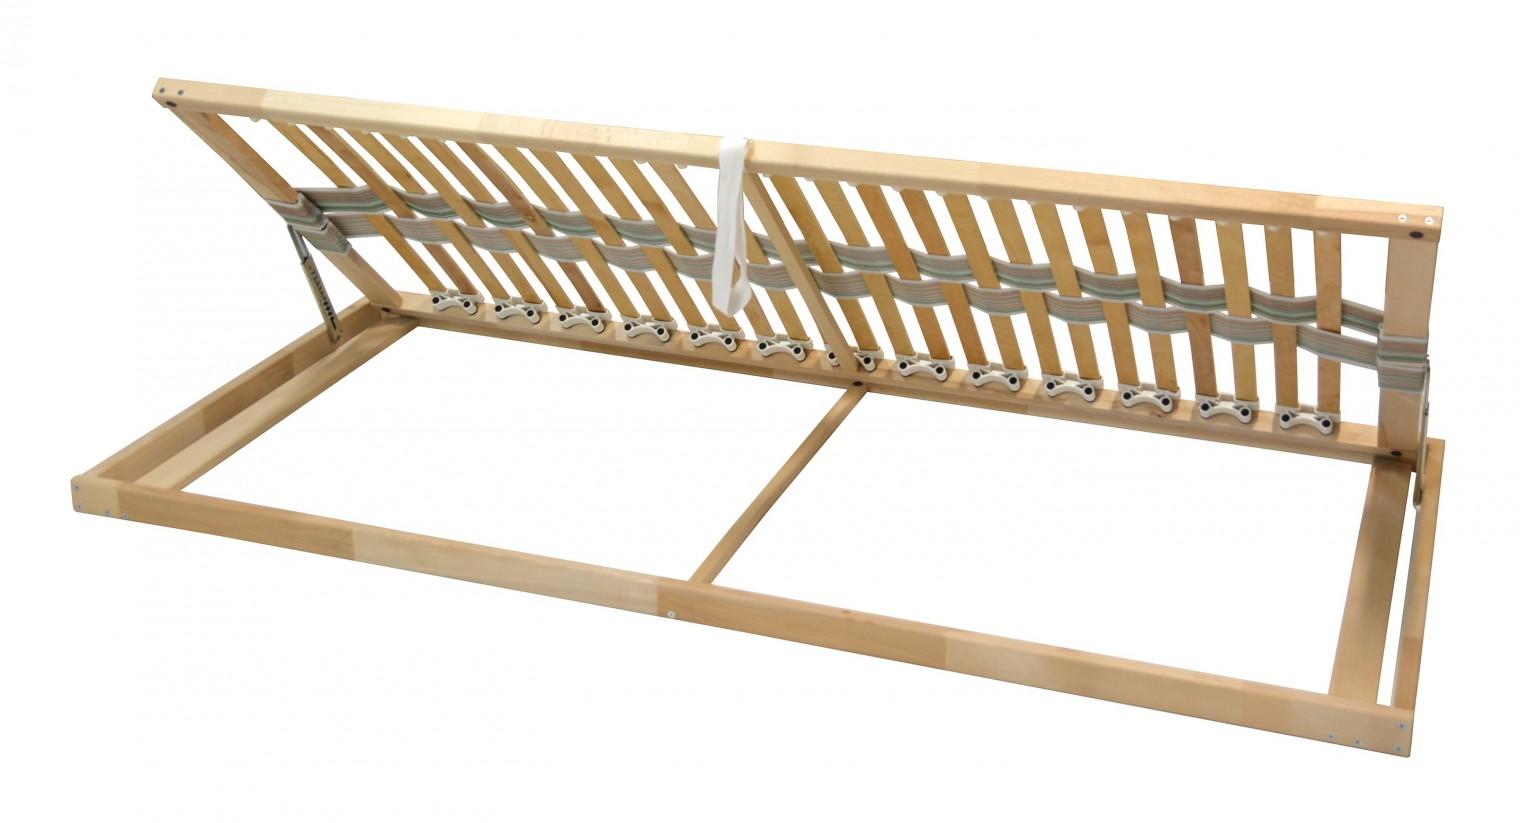 Nepolohovací rošty Rošt Double klasik - 80x200 cm, výklopný do boku